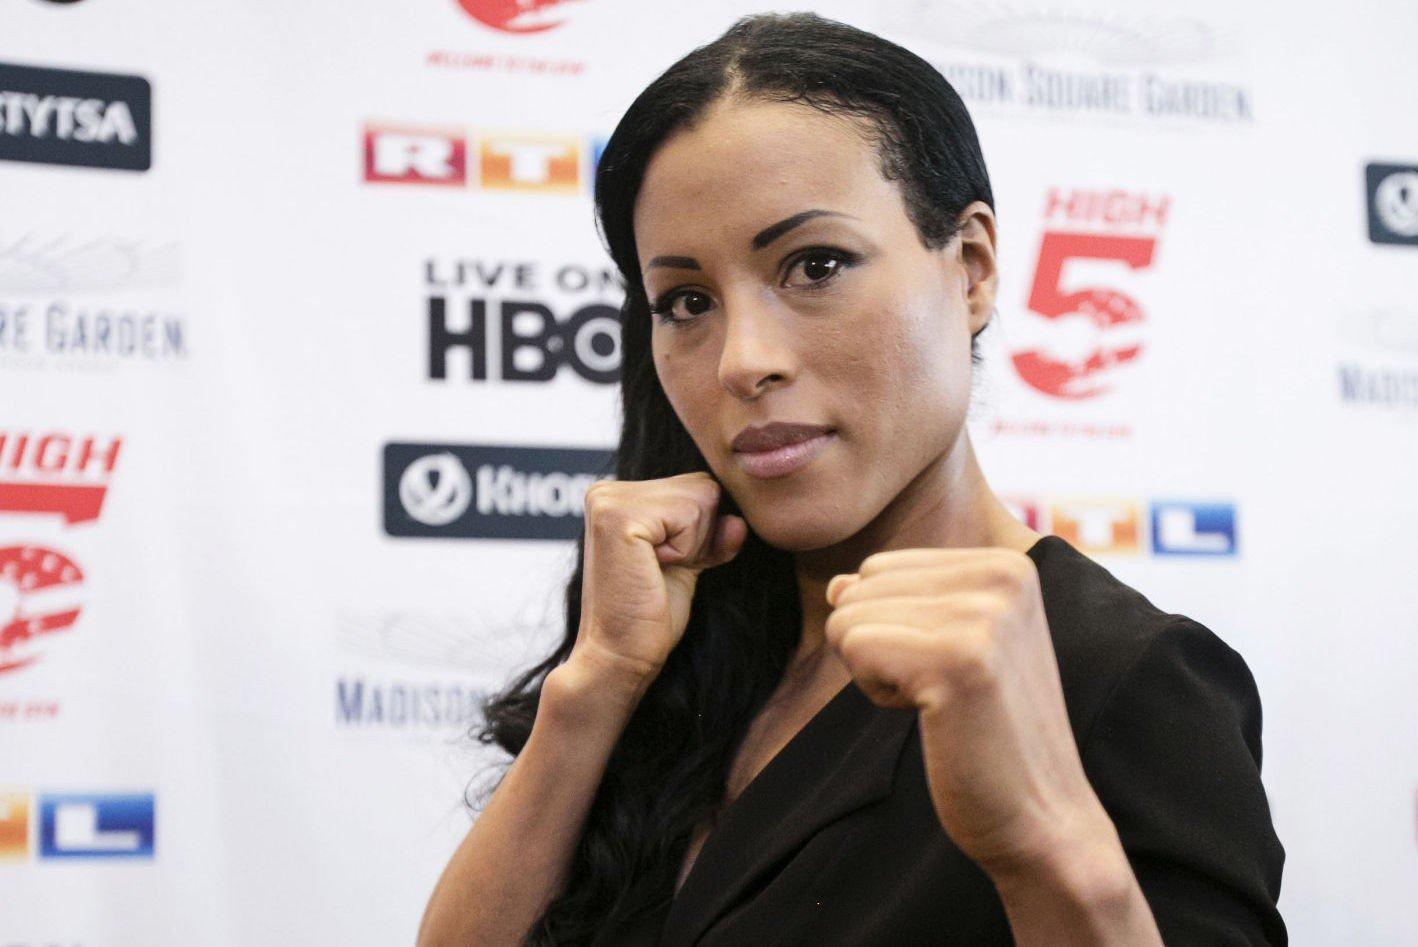 Cecilia Brækhus gleder seg til storkampen mellom Floyd Mayweather og Manny Pacquiao.